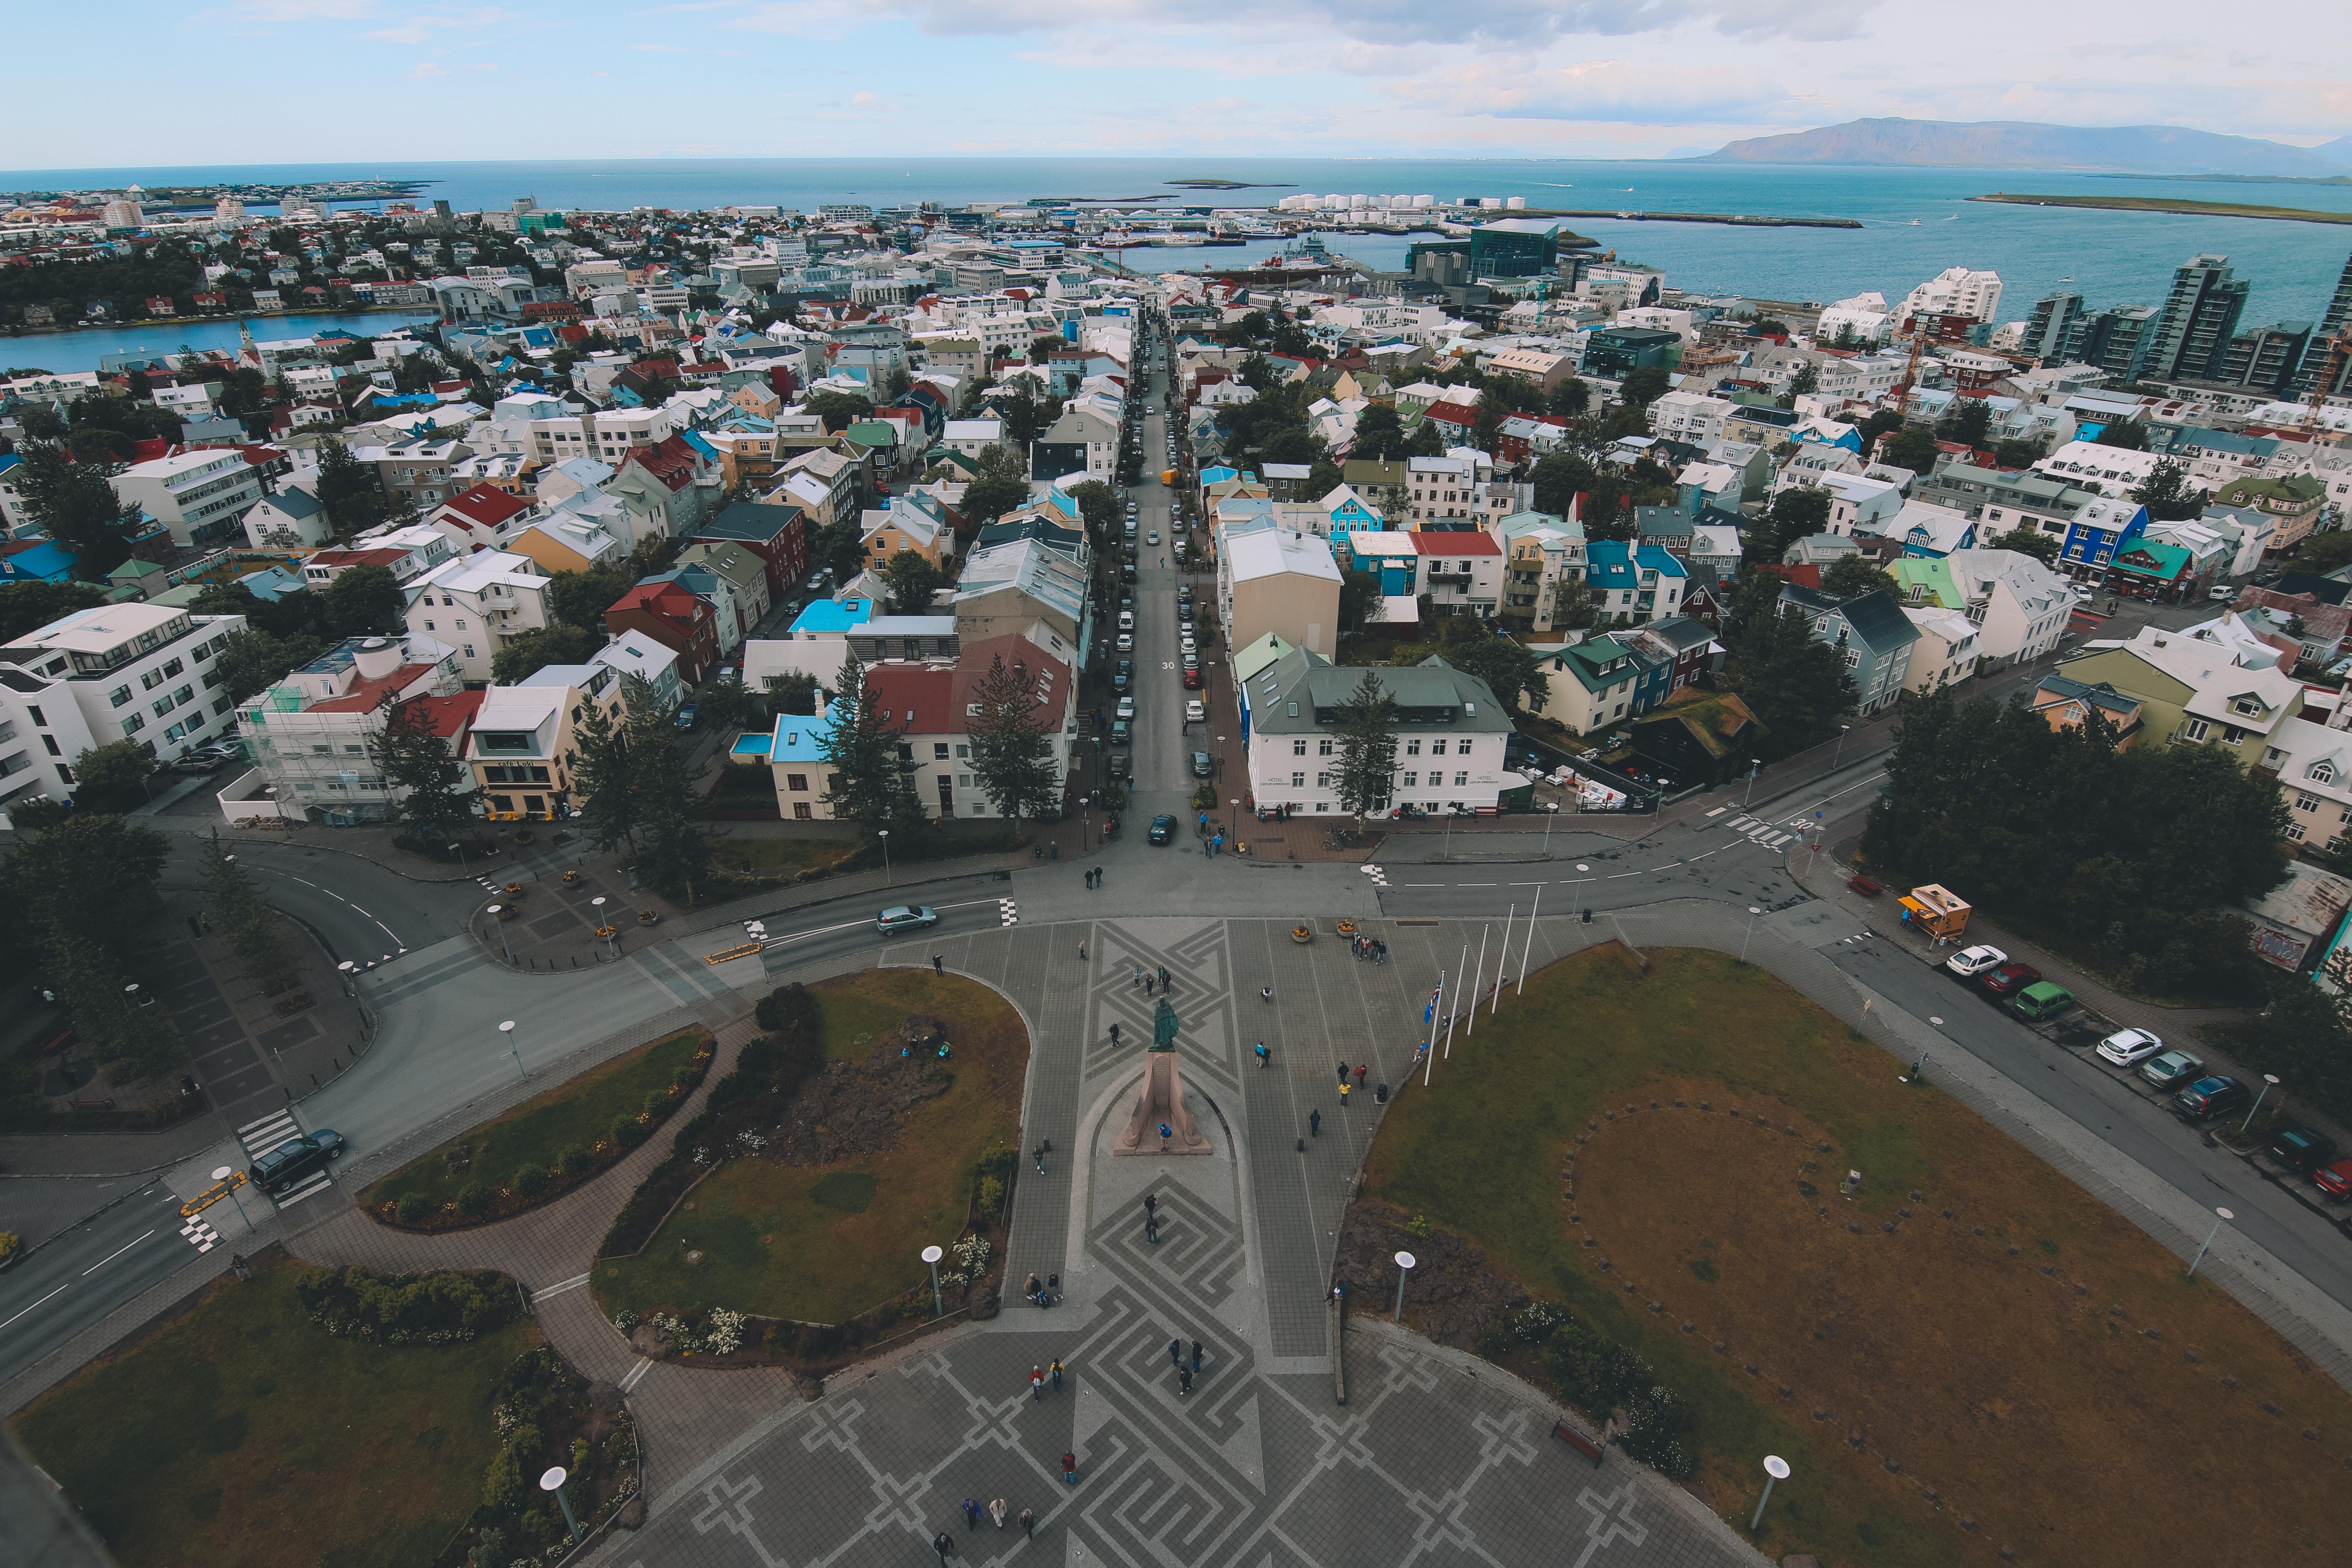 Udsigt over knudeværkstorvet nedenfor kirketårnet på Hallgrímskirkja og butiksgaden Skólavörðustígur.